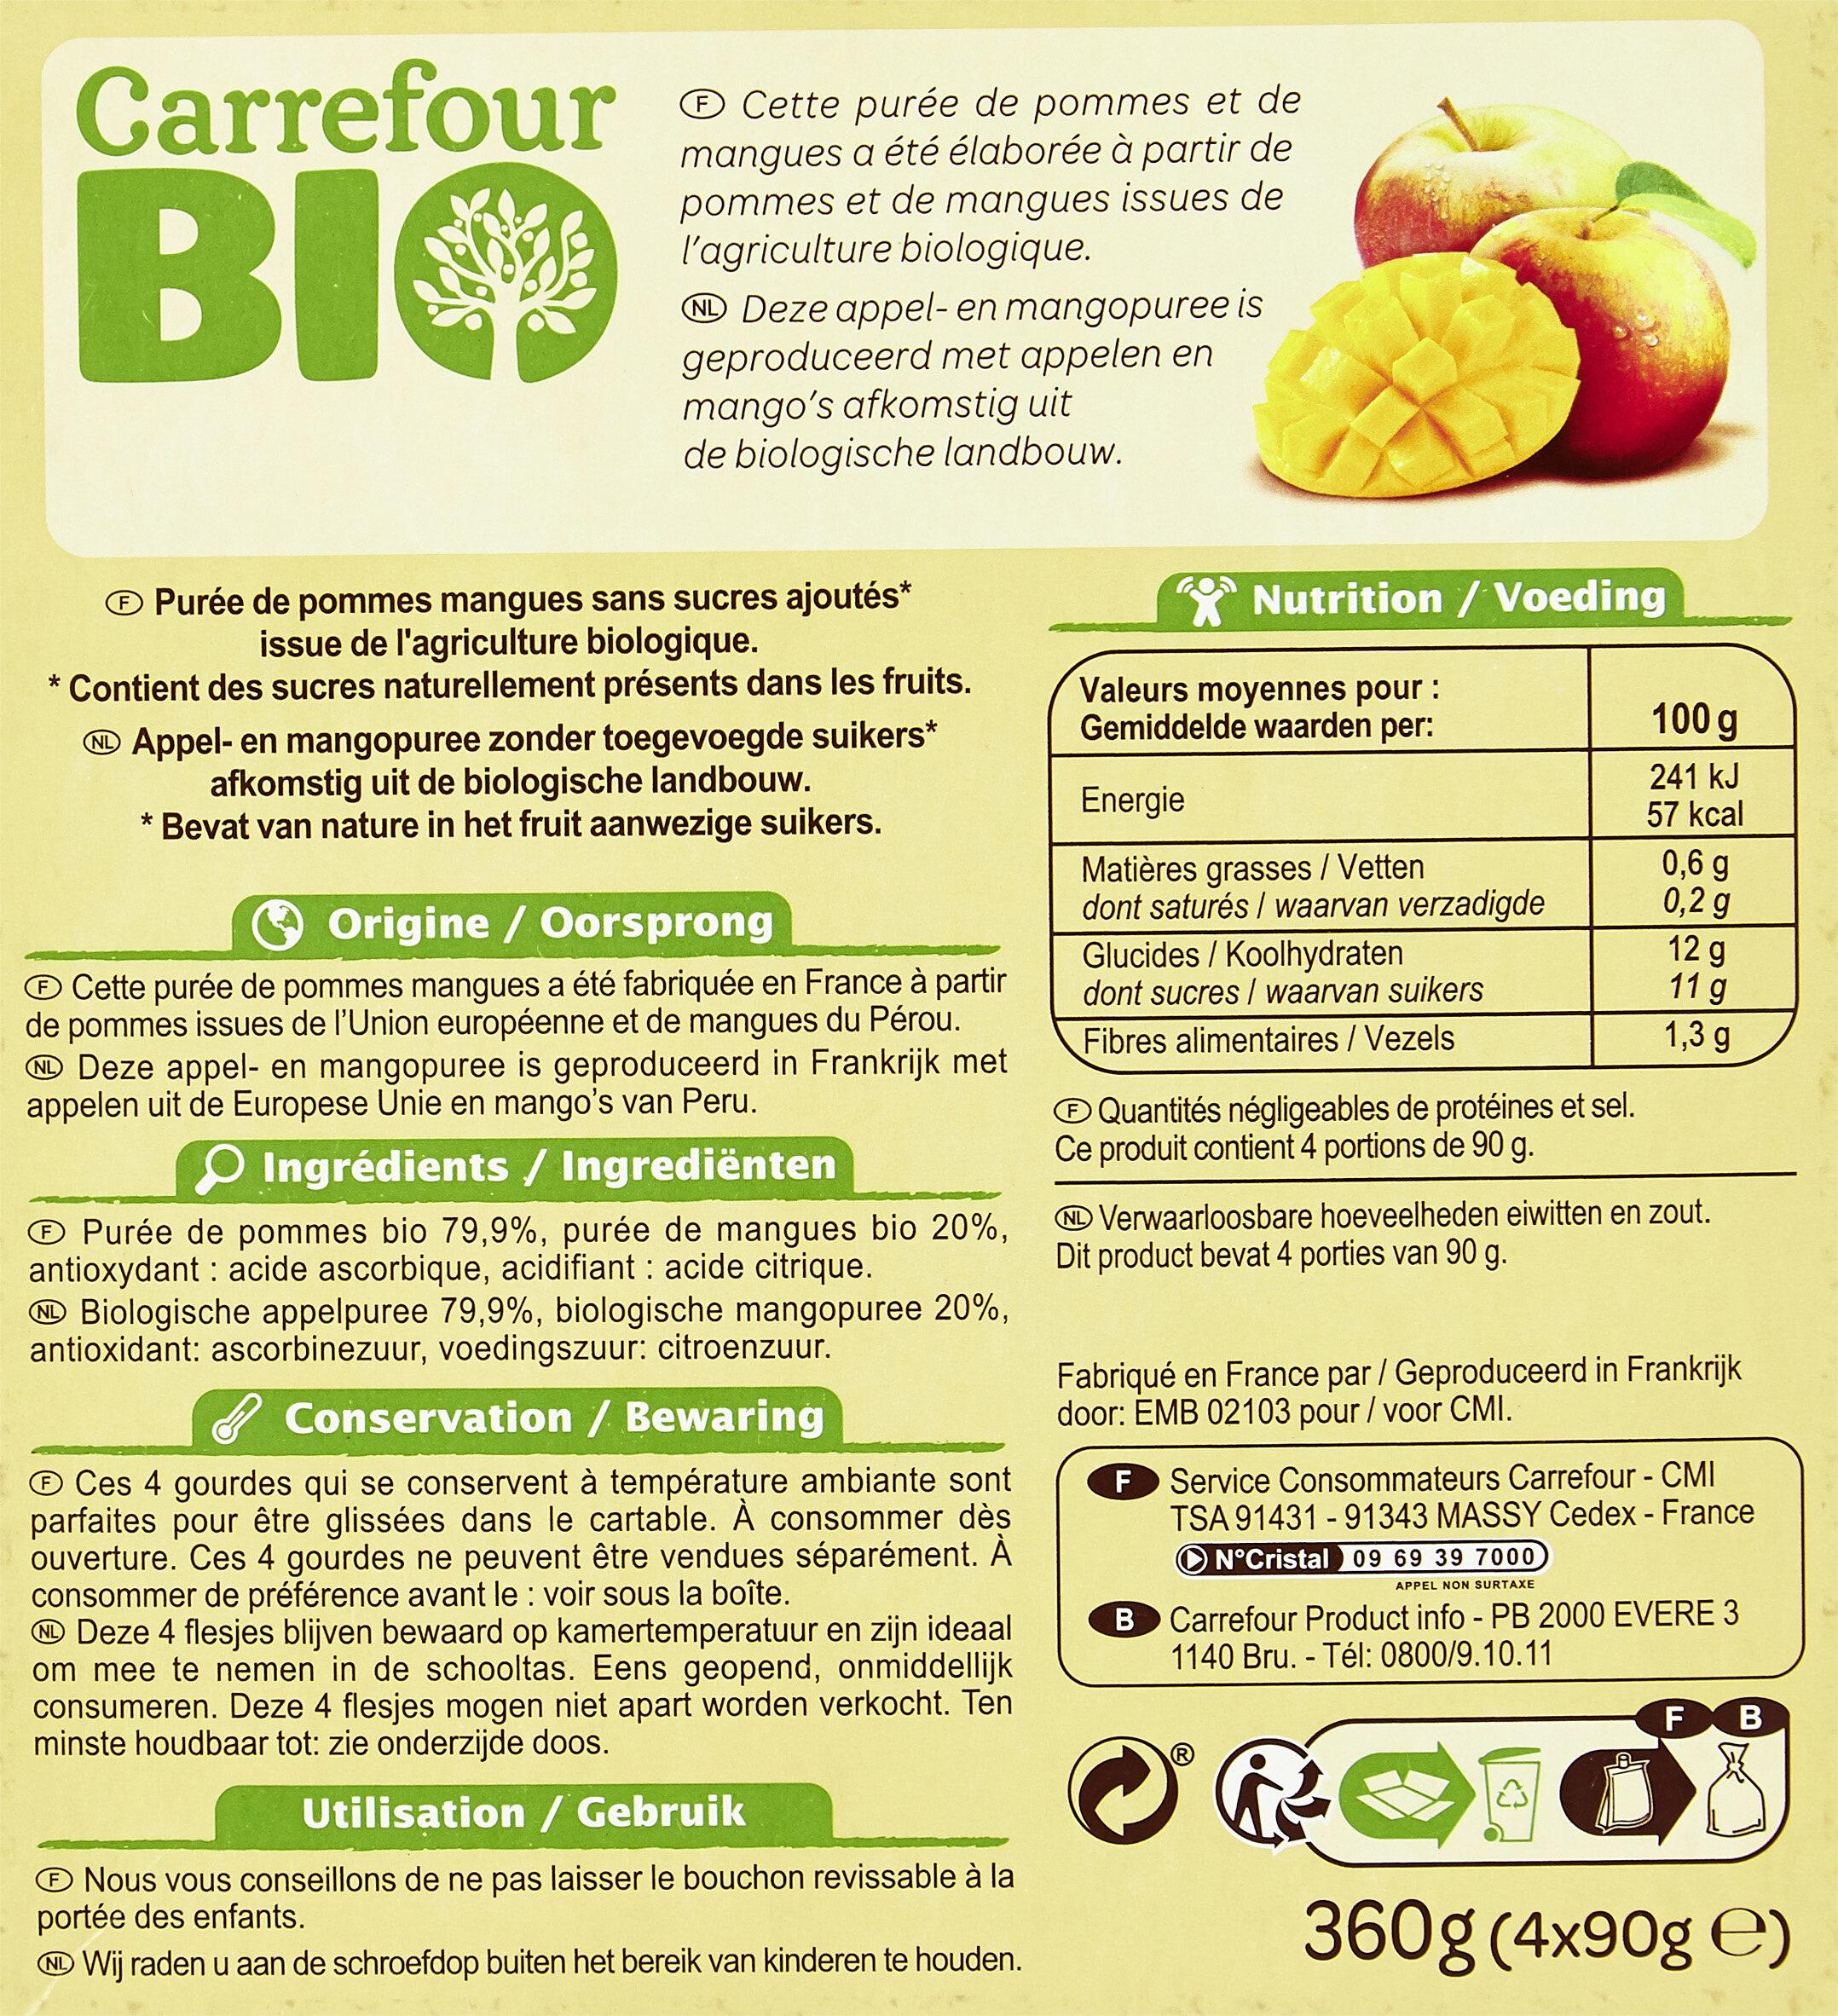 Purée Pommes Mangues Sans sucres ajoutés* *Contient des sucres naturellement présents. - Recycling instructions and/or packaging information - fr